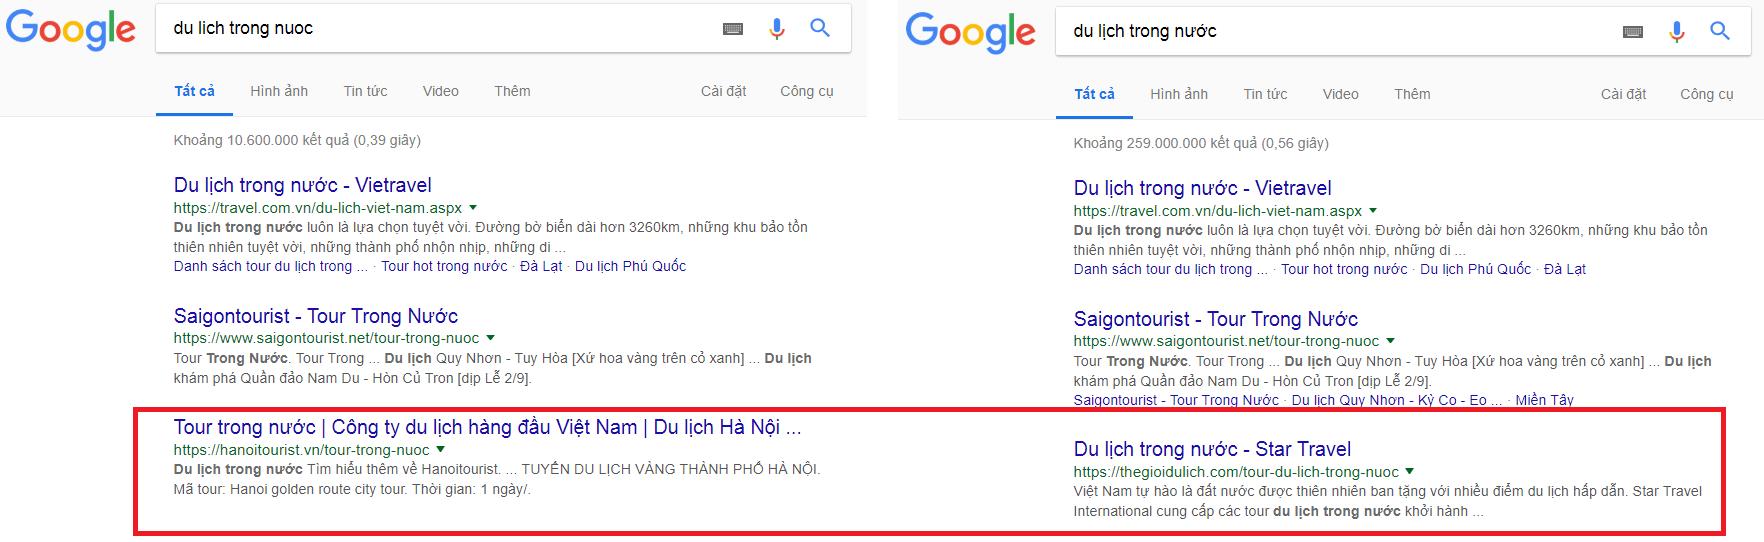 Kết quả kiểm tra thứ hạng từ khóa trên Google giữa từ khóa có dấu và từ khóa không dấu.